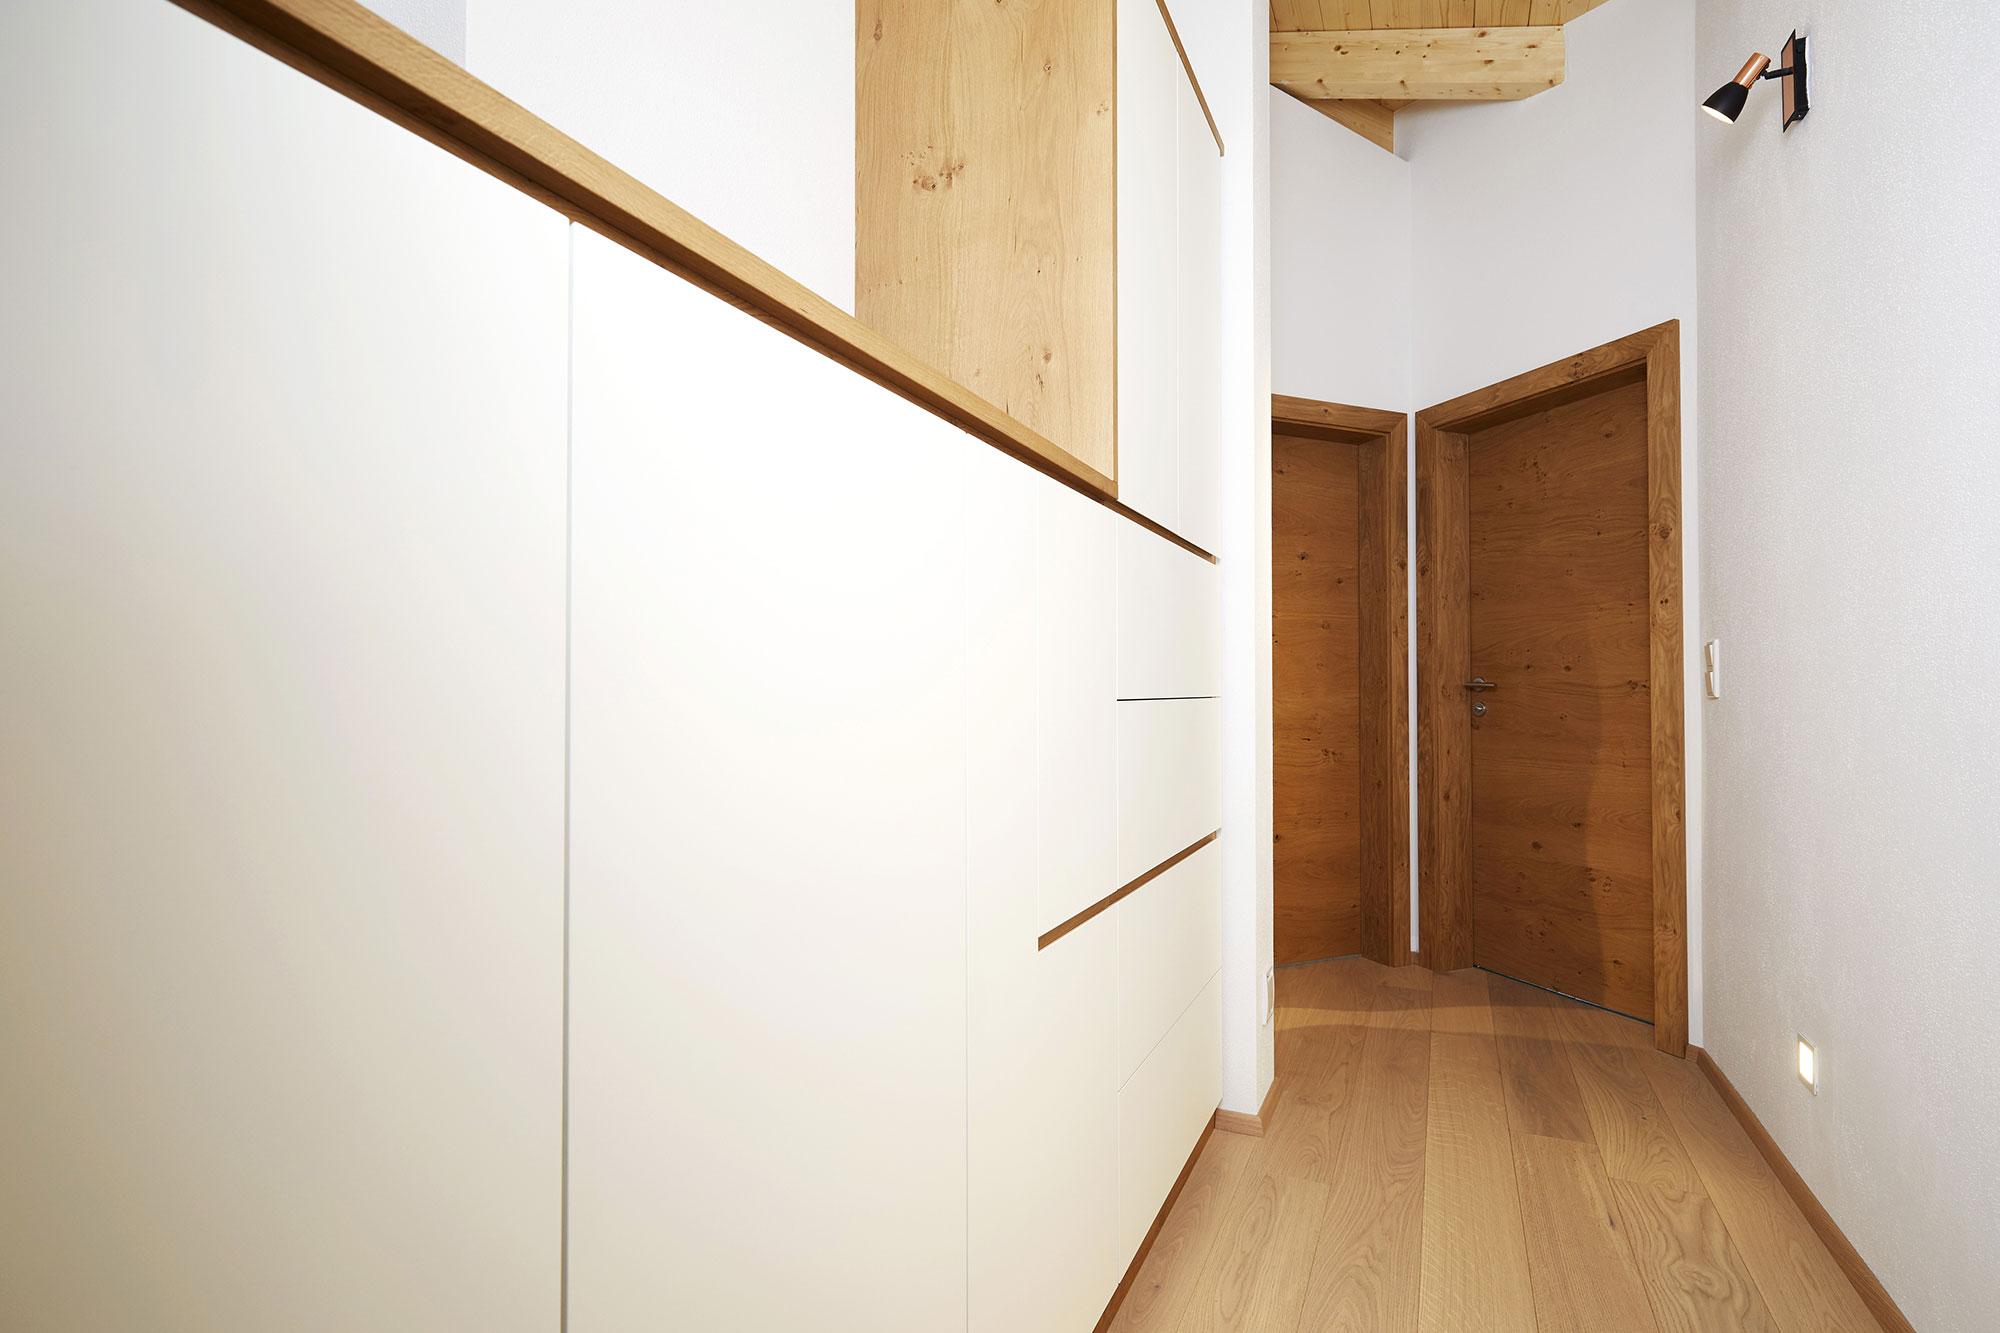 Tischlerei Stöckl Ebbs Kompletteinrichtung Einfamilienhaus Schränke Flur Türen Holzboden